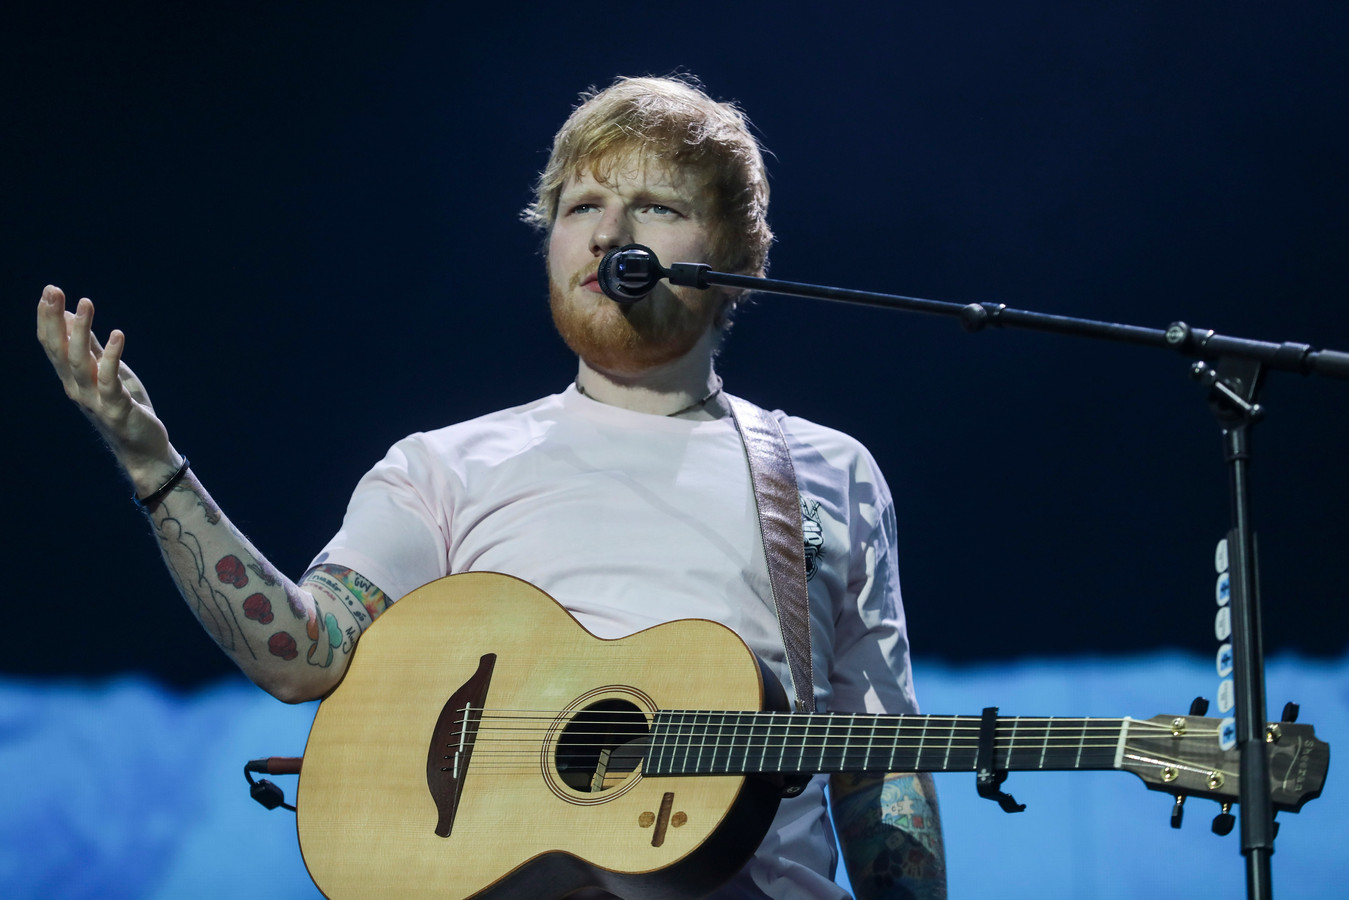 Ed Sheeran hoeft zich voorlopig niet te melden in de rechtbank in New York. De plagiaatzaak die tegen de zanger loopt om zijn hit Thinking Out Loud is vanwege de coronacrisis verplaatst naar komend voorjaar, melden Amerikaanse media.